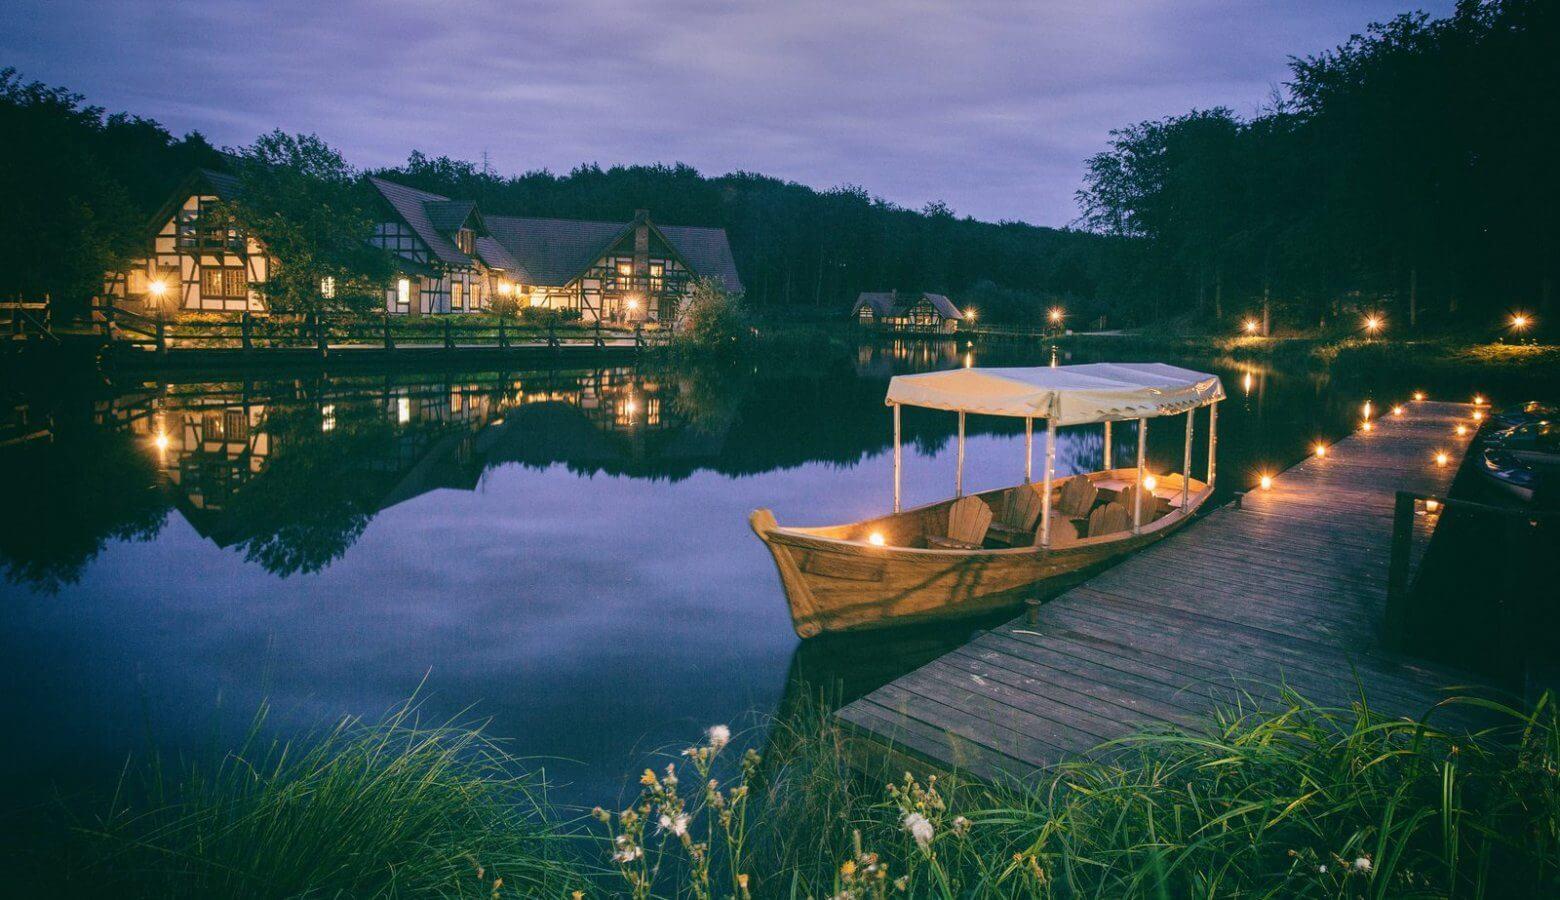 Podświetlone wieczorem domki, pomost i gondola – Dolina Charlotty